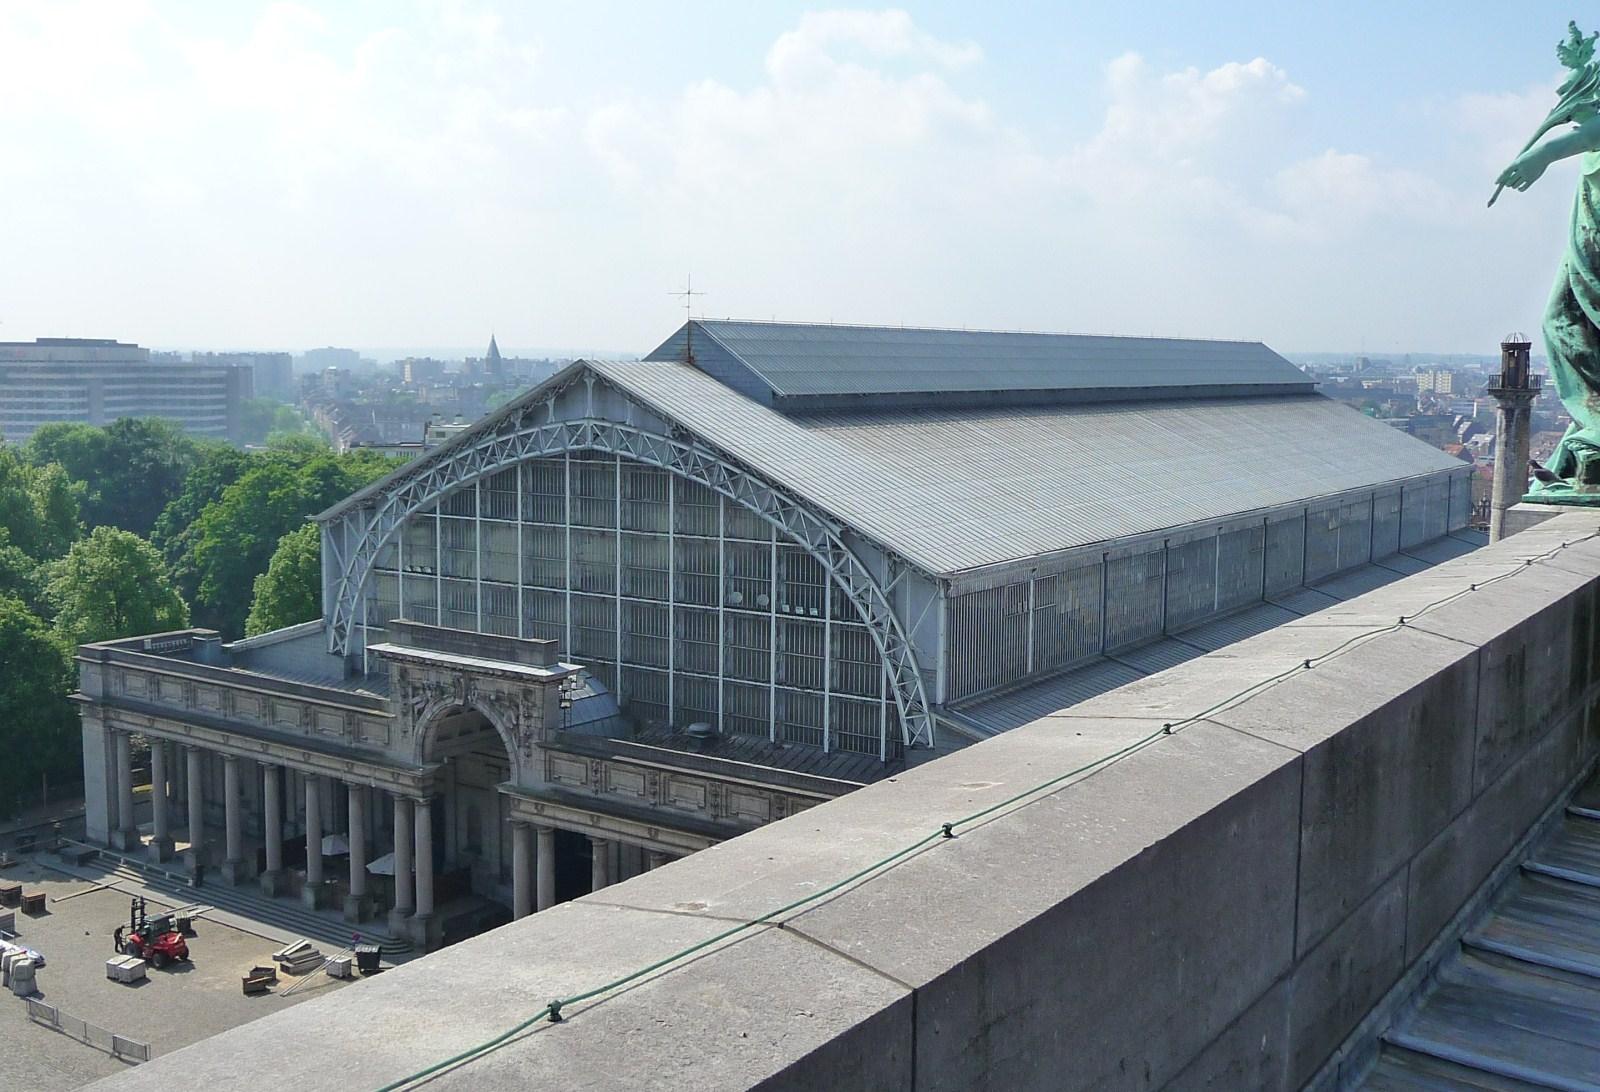 Autoworld, vue de la halle depuis le sommet de l'arcade du Cinquantenaire., 2010